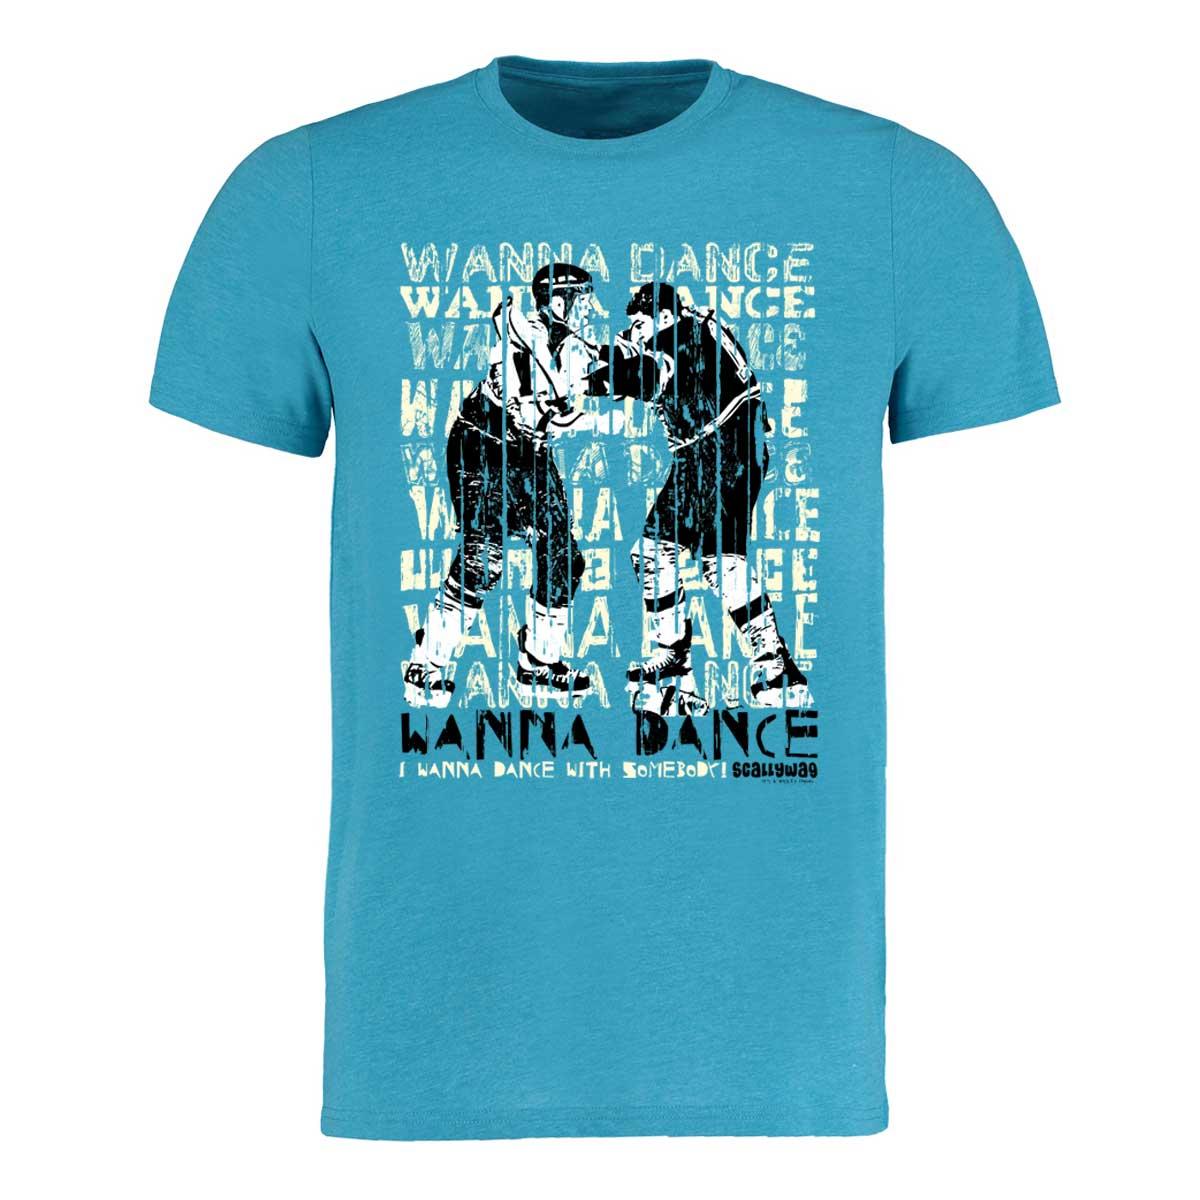 Eishockey T-Shirt von SCALLYWAG® Modell WANNA DANCE Türkis.